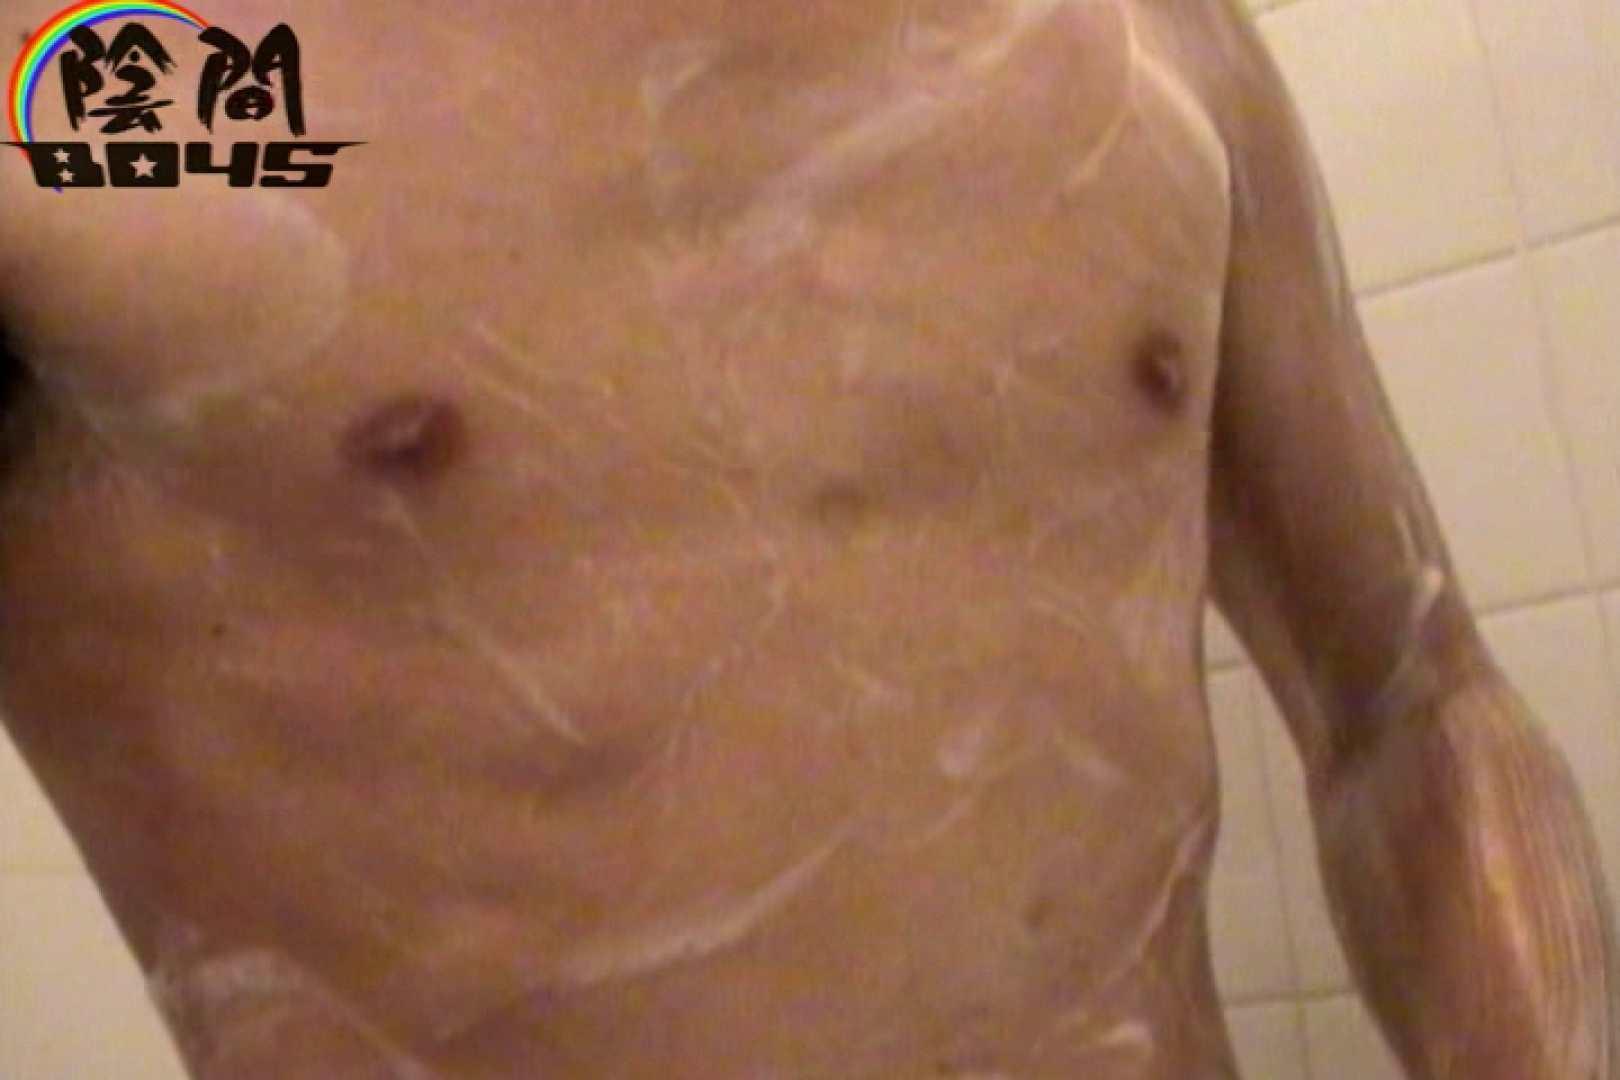 陰間BOYS~IKEMEN Interview~01  イメージ (sex) ゲイ丸見え画像 94枚 10